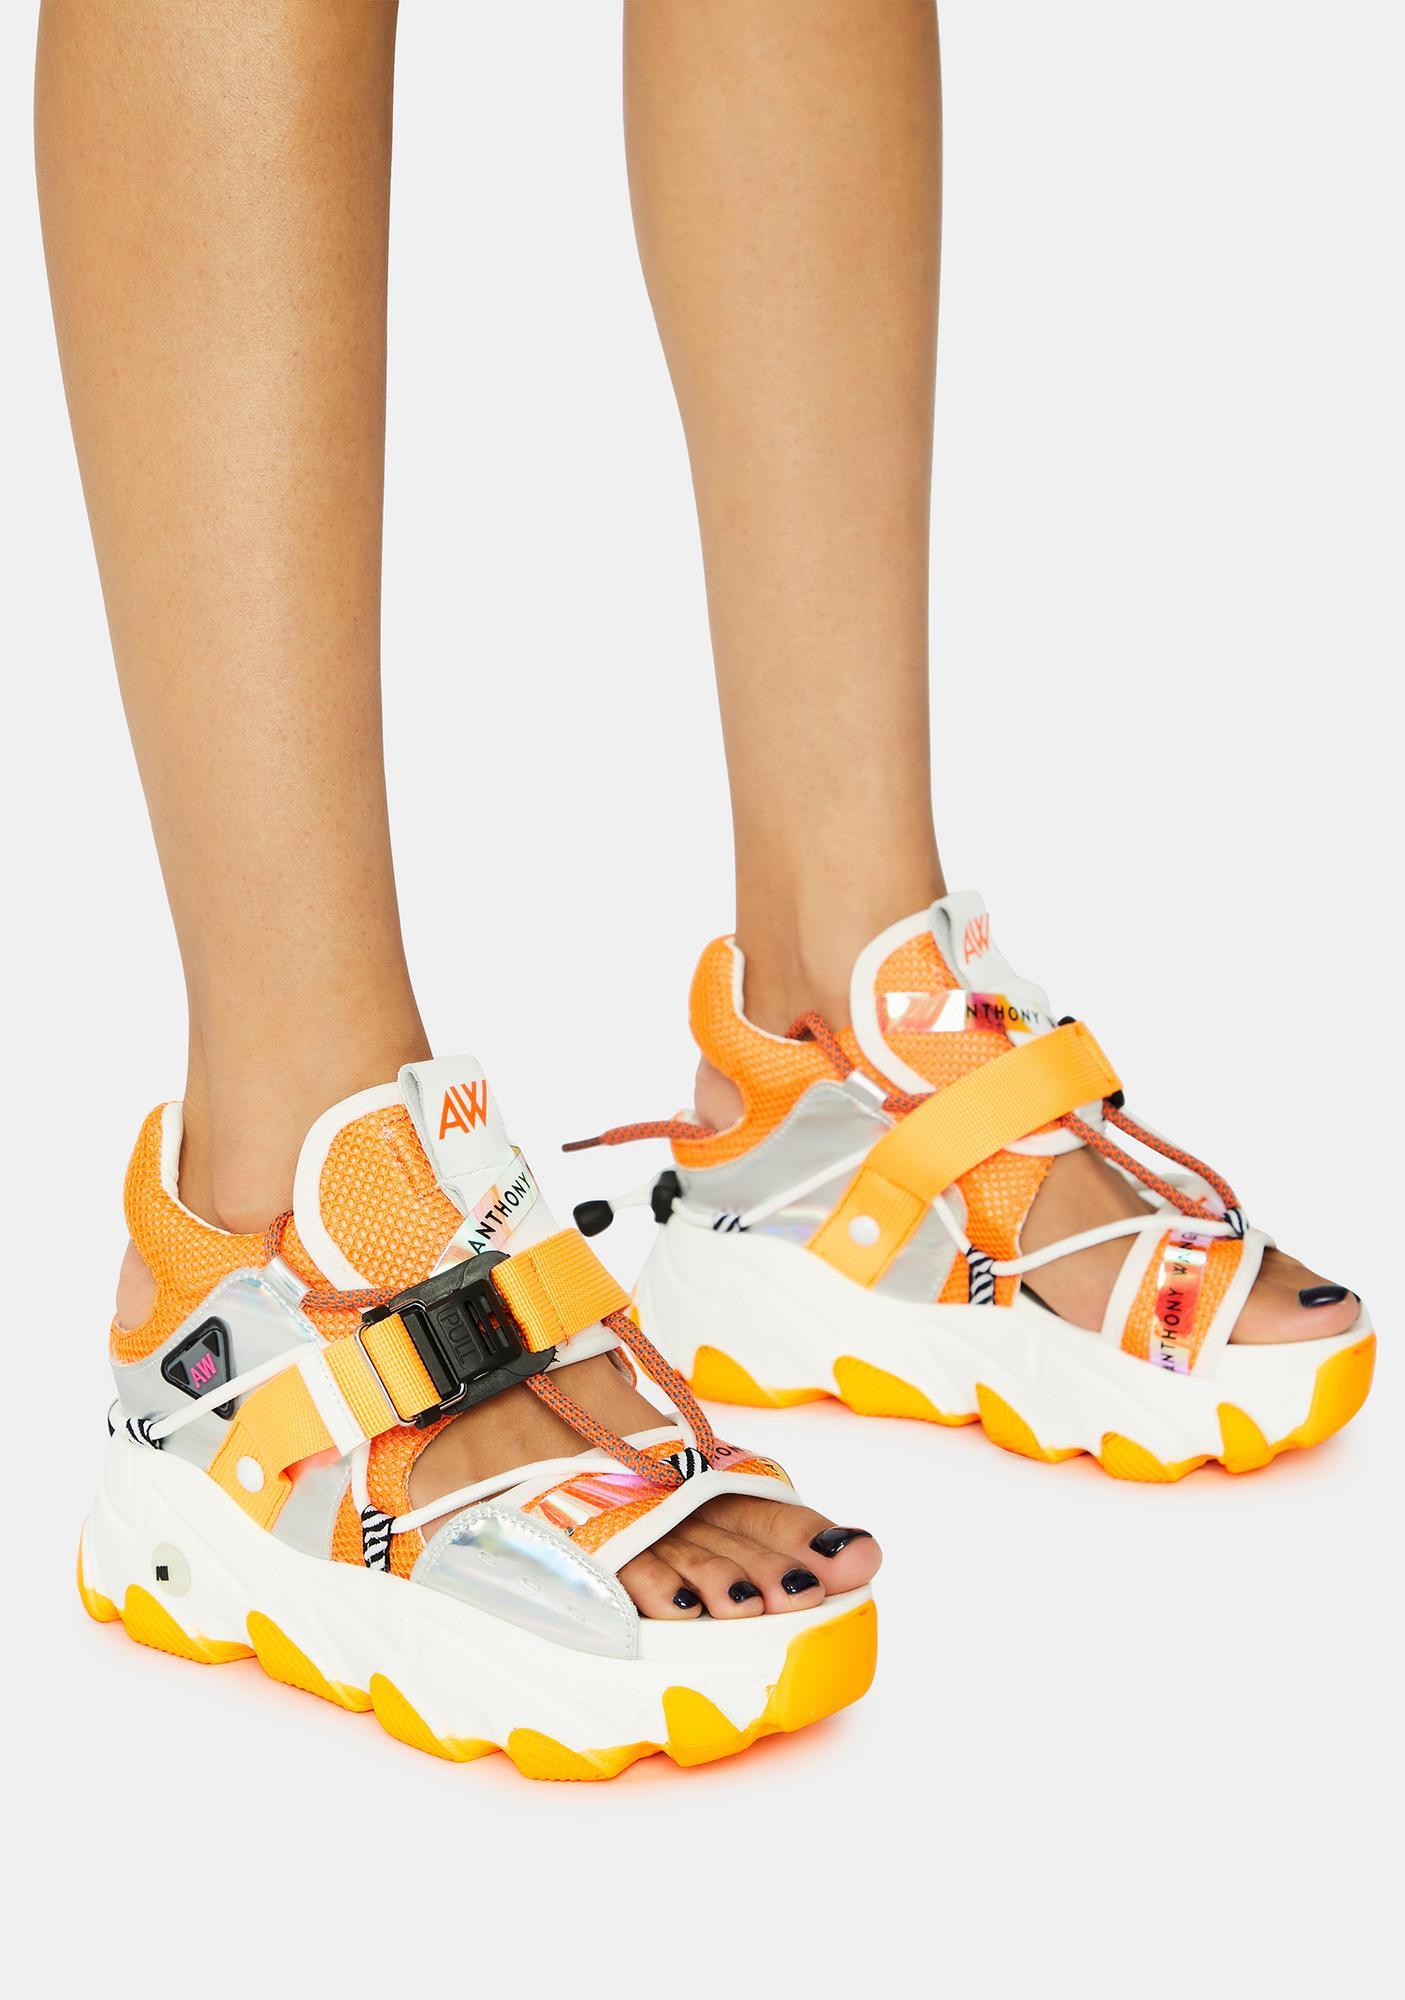 Anthony Wang Orange Dragon Fruit Sandals